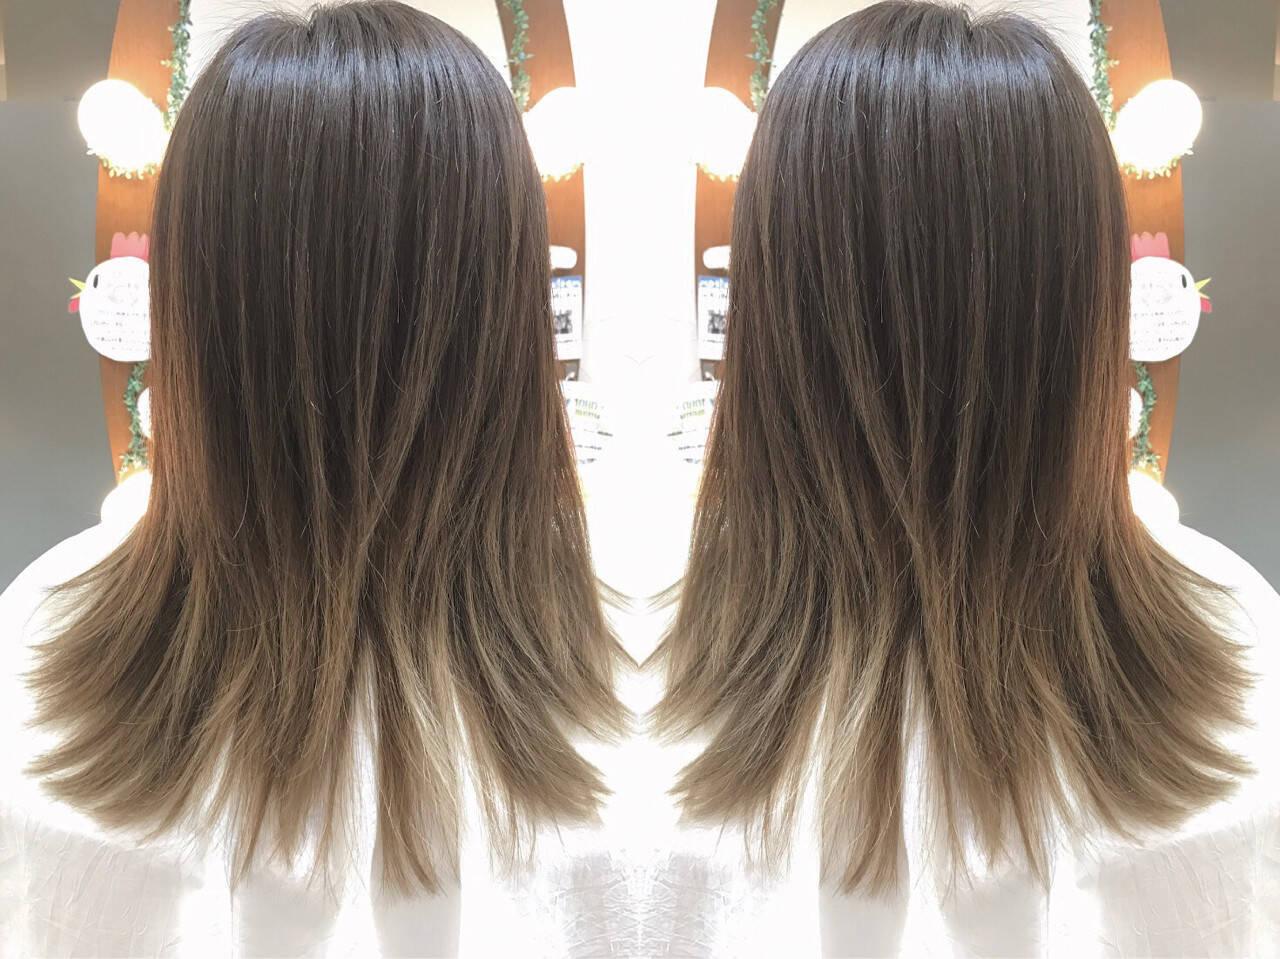 アッシュグレー アッシュ ハイライト グラデーションカラーヘアスタイルや髪型の写真・画像